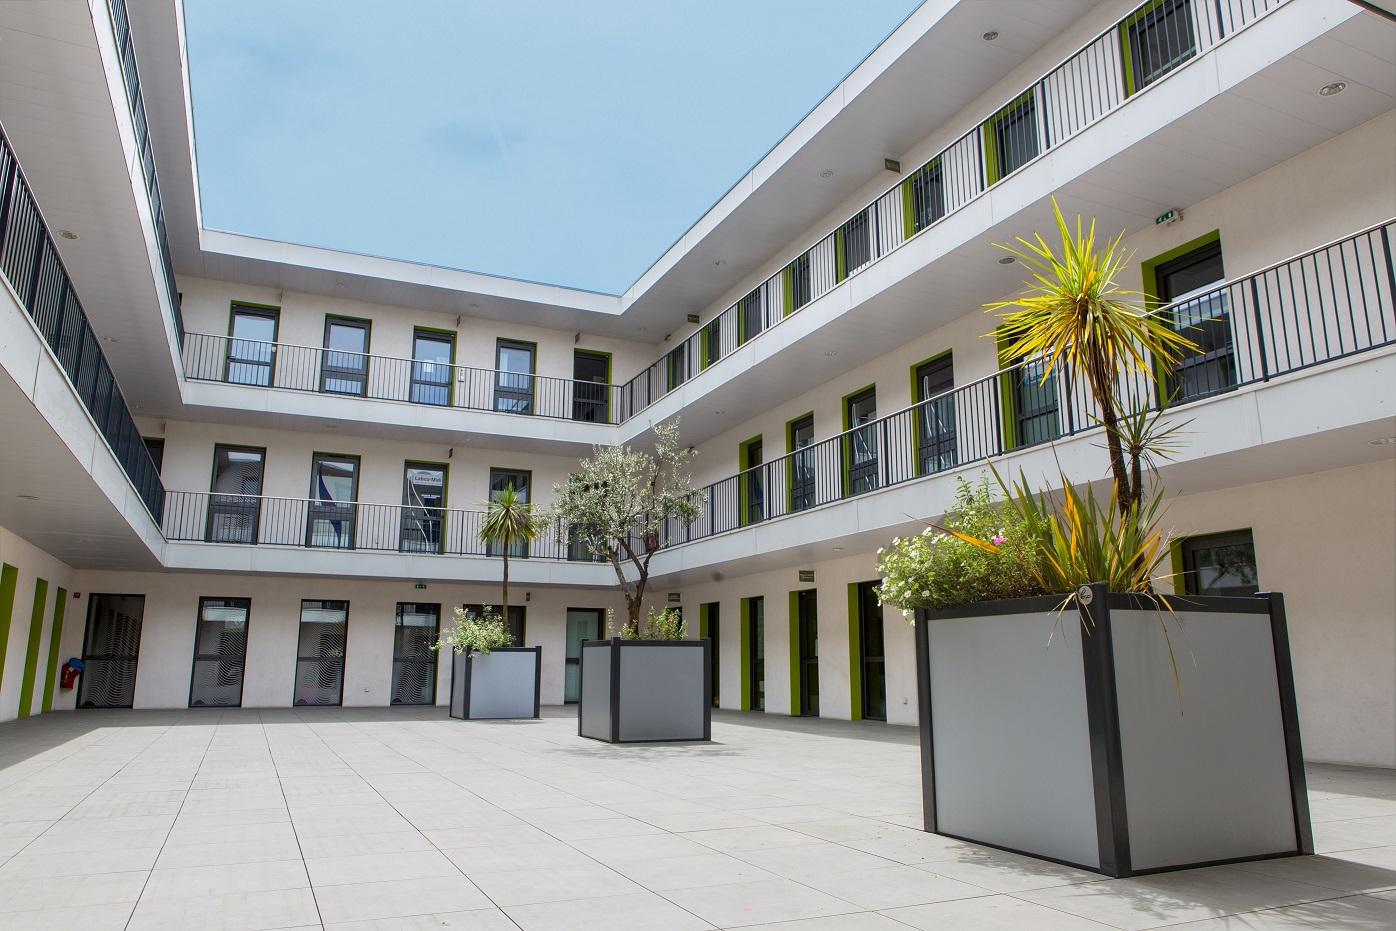 Cabinet d'hypnothérapie du Pole Santé Parc 2000 Montpellier